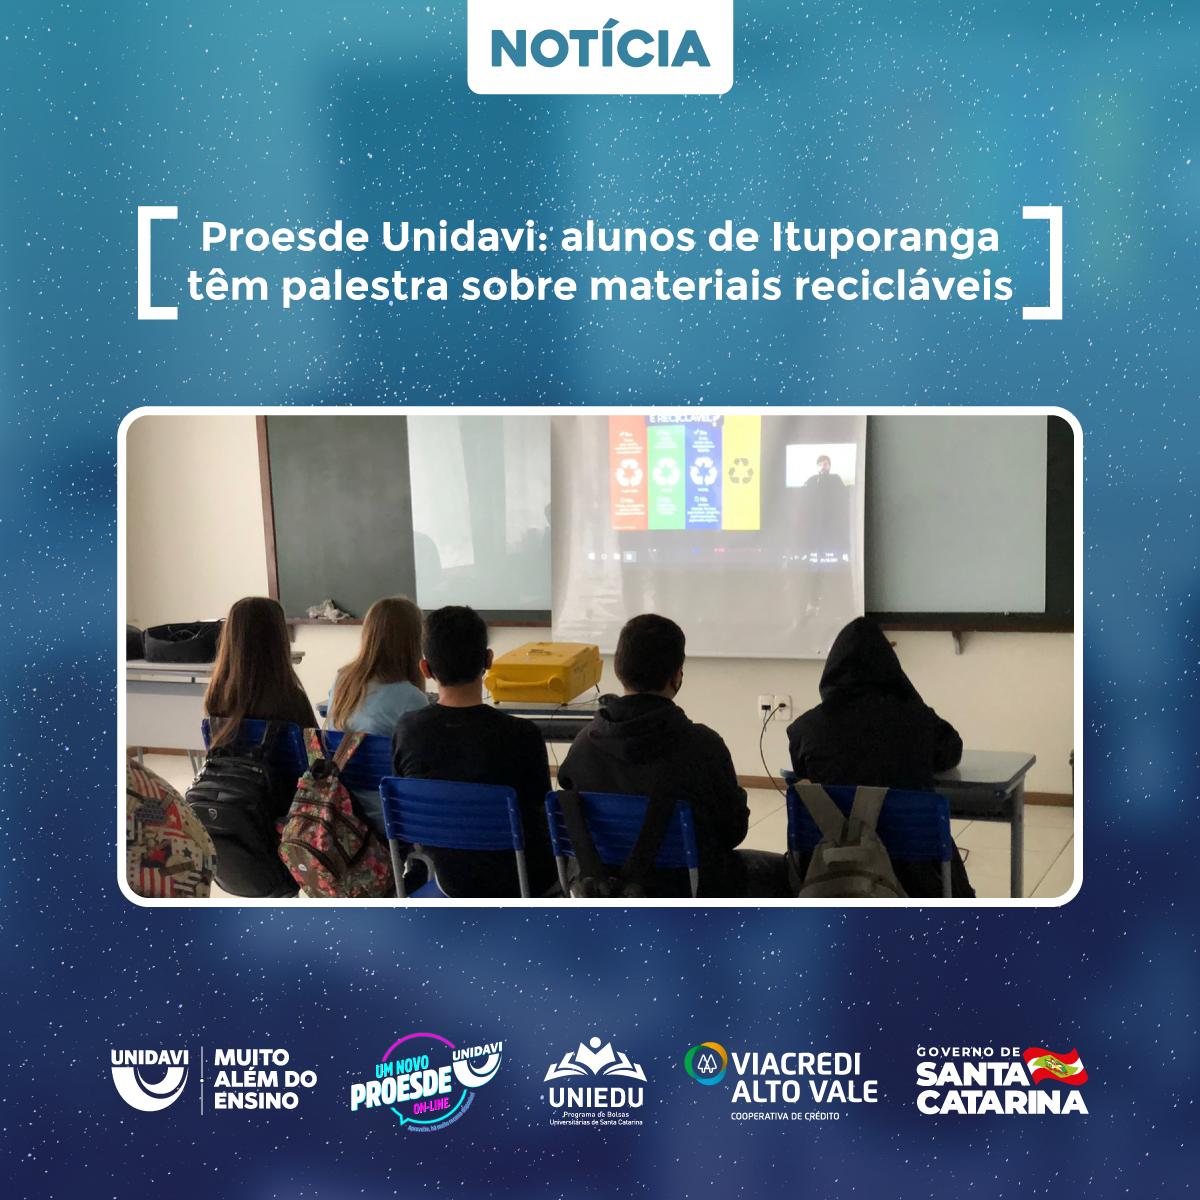 Proesde Unidavi: alunos de Ituporanga têm palestra sobre materiais recicláveis